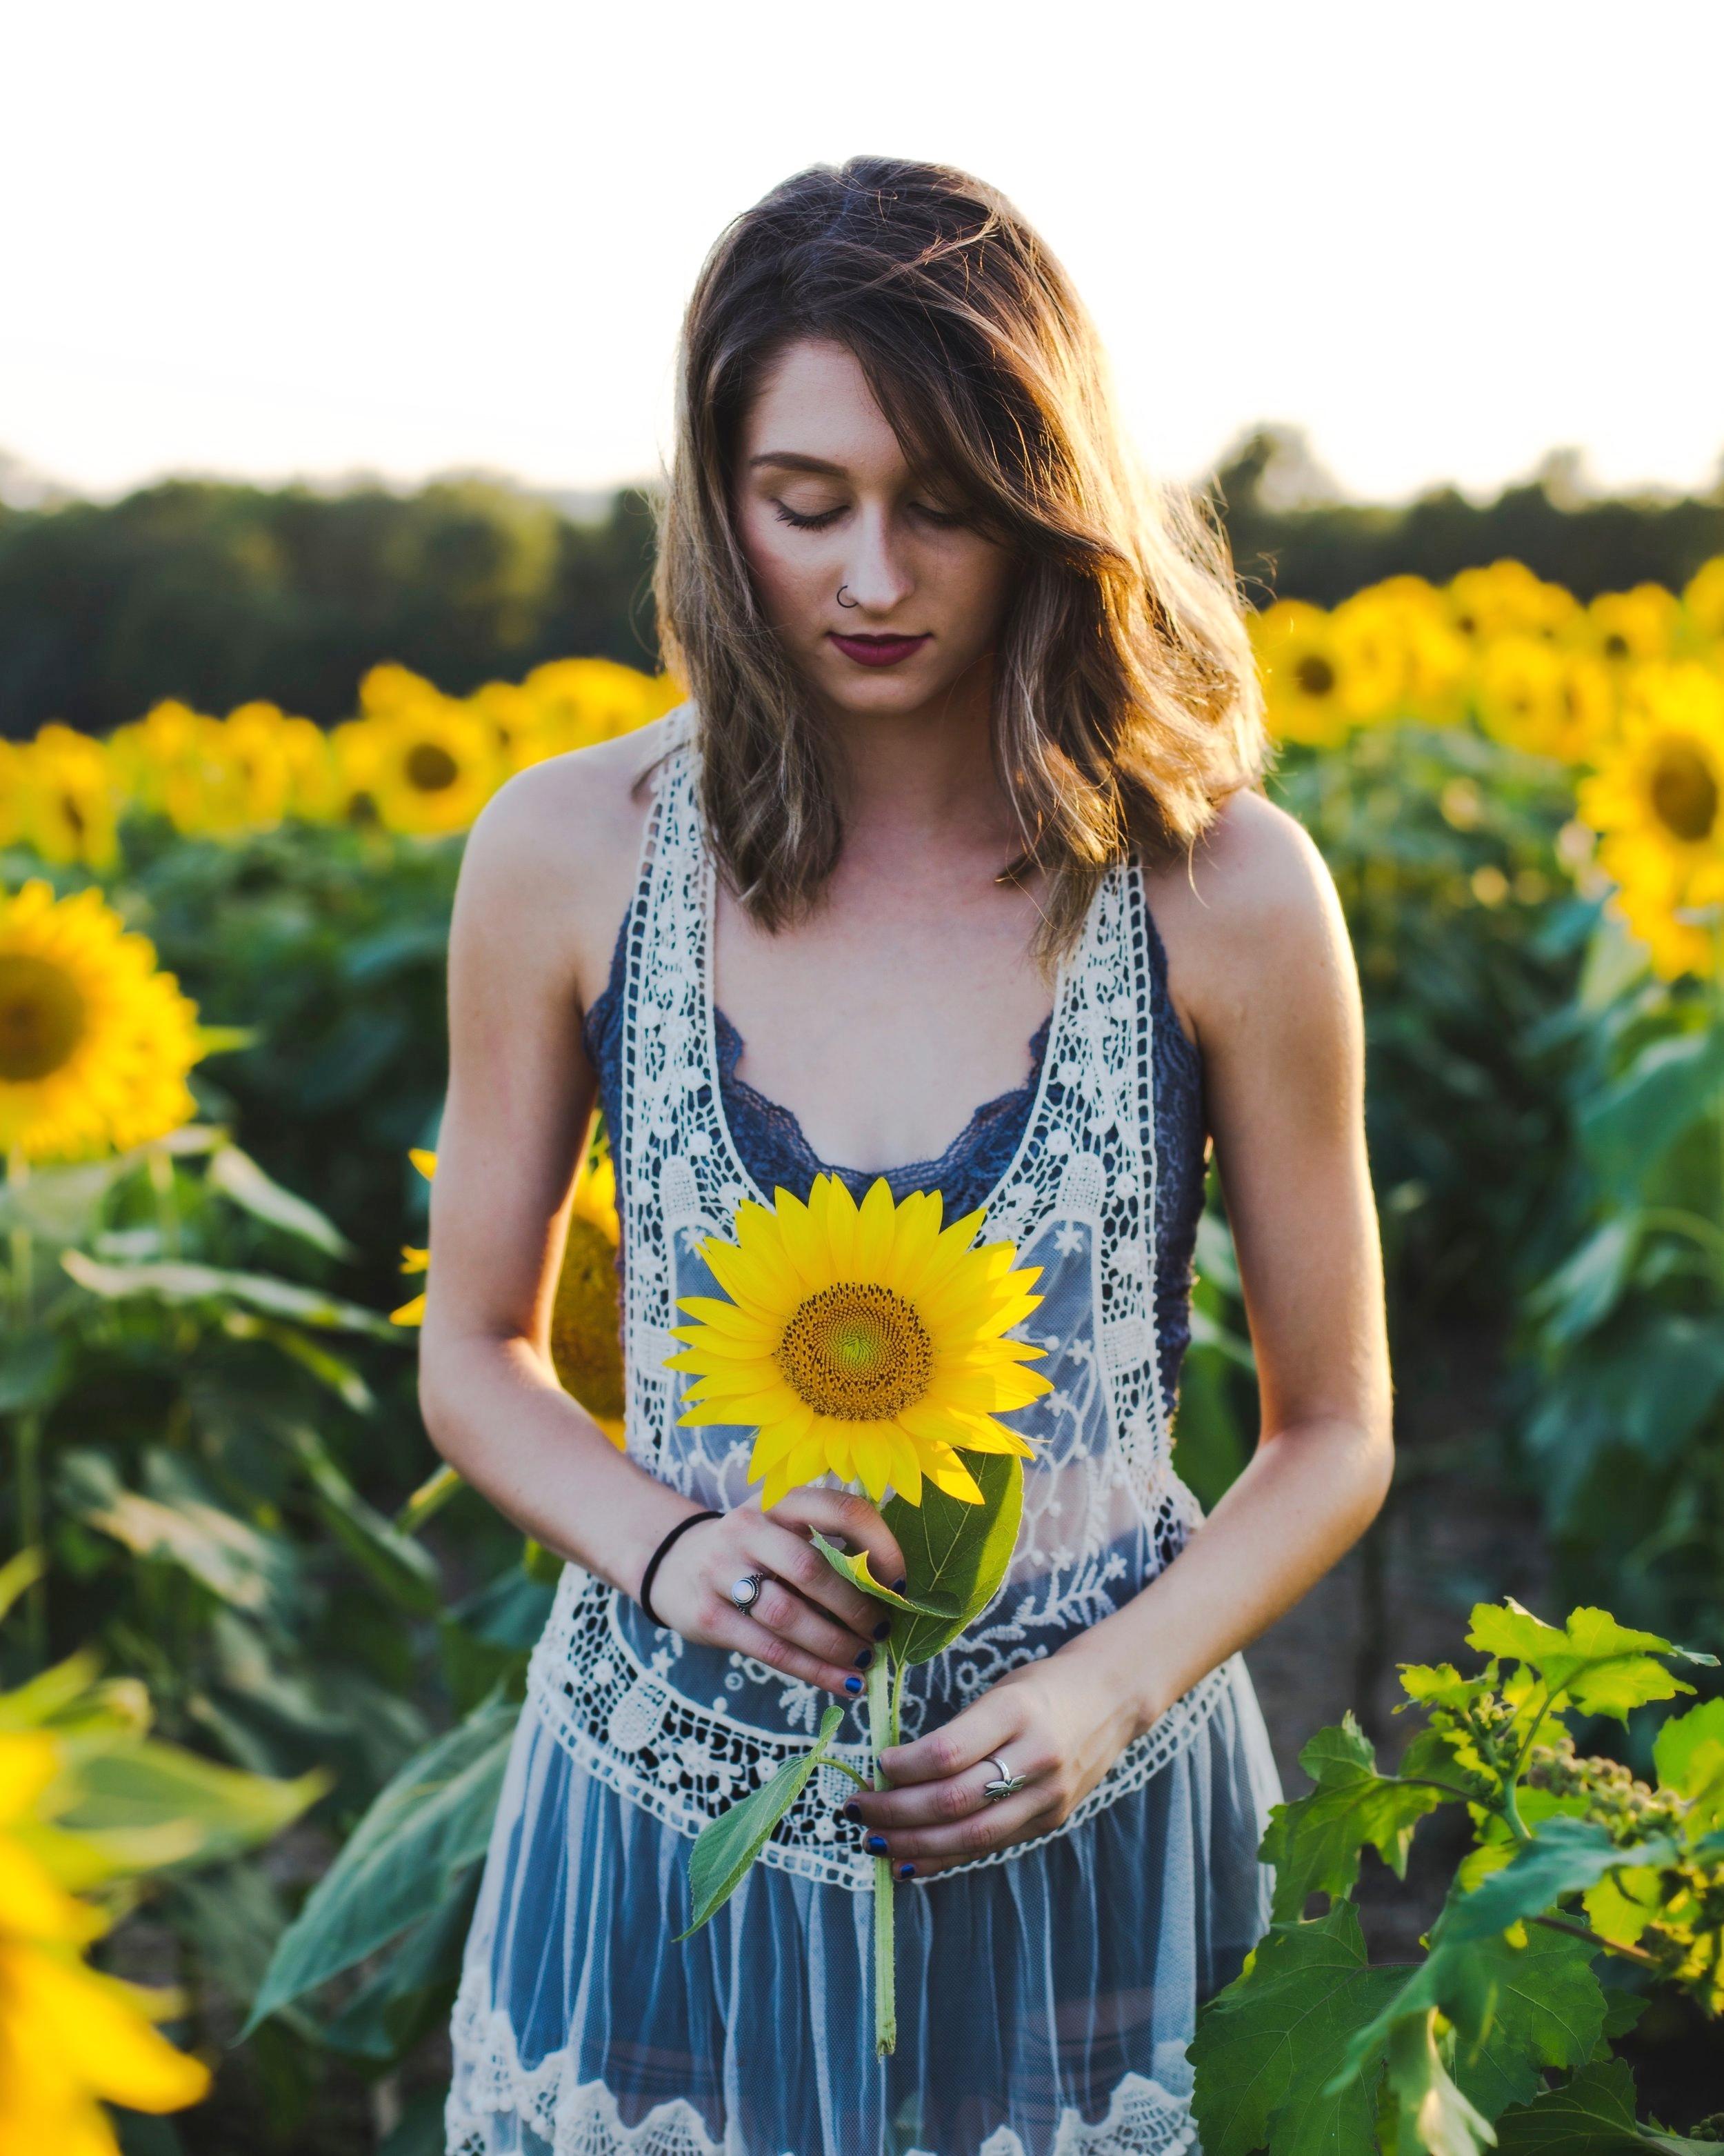 Sunflower_girl.jpg